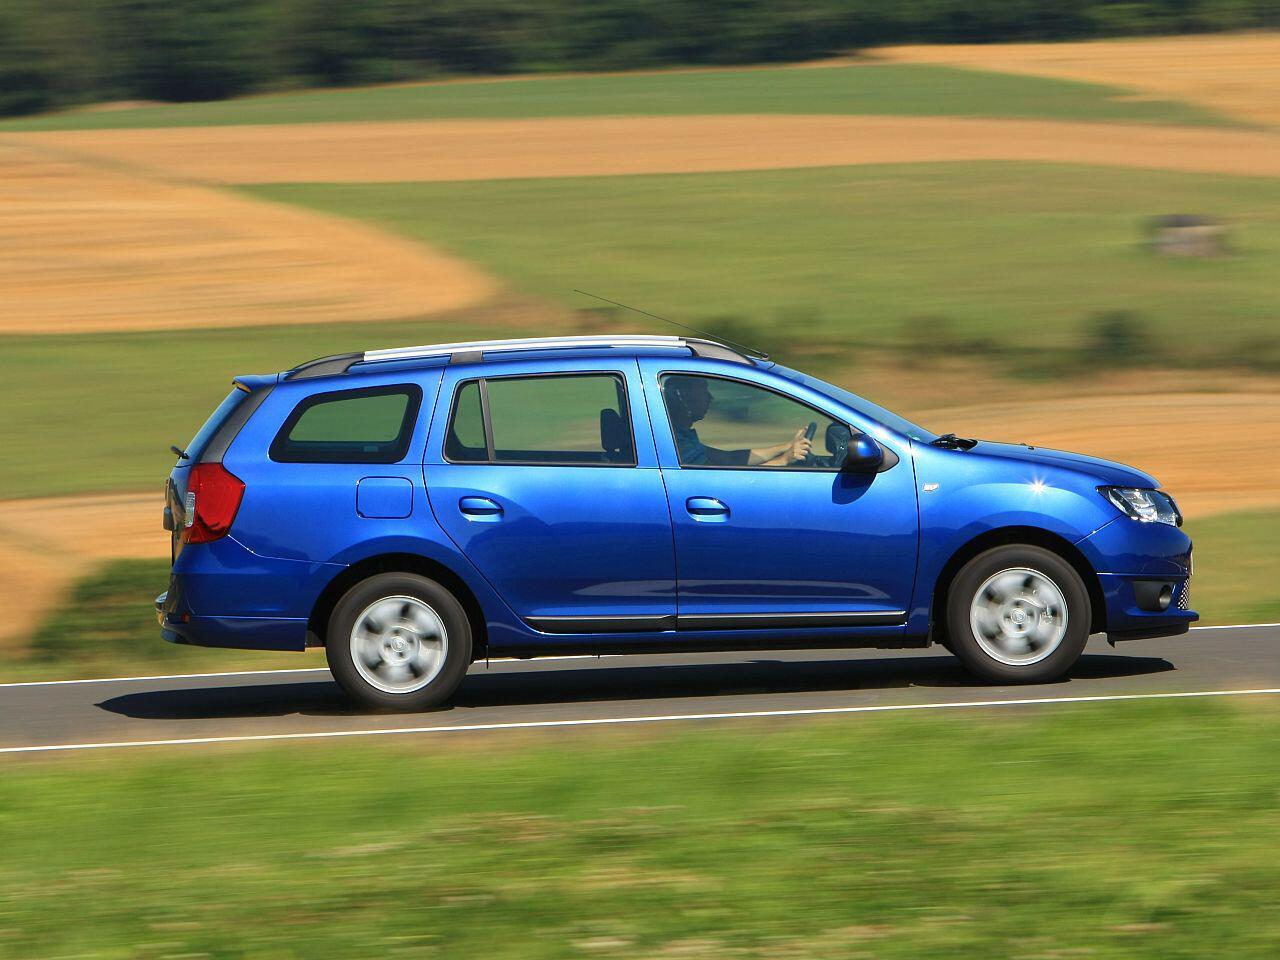 Bild zu Bester Werterhalt in Prozent bei den Kompaktwagen: Dacia Logan MCV dCi 90